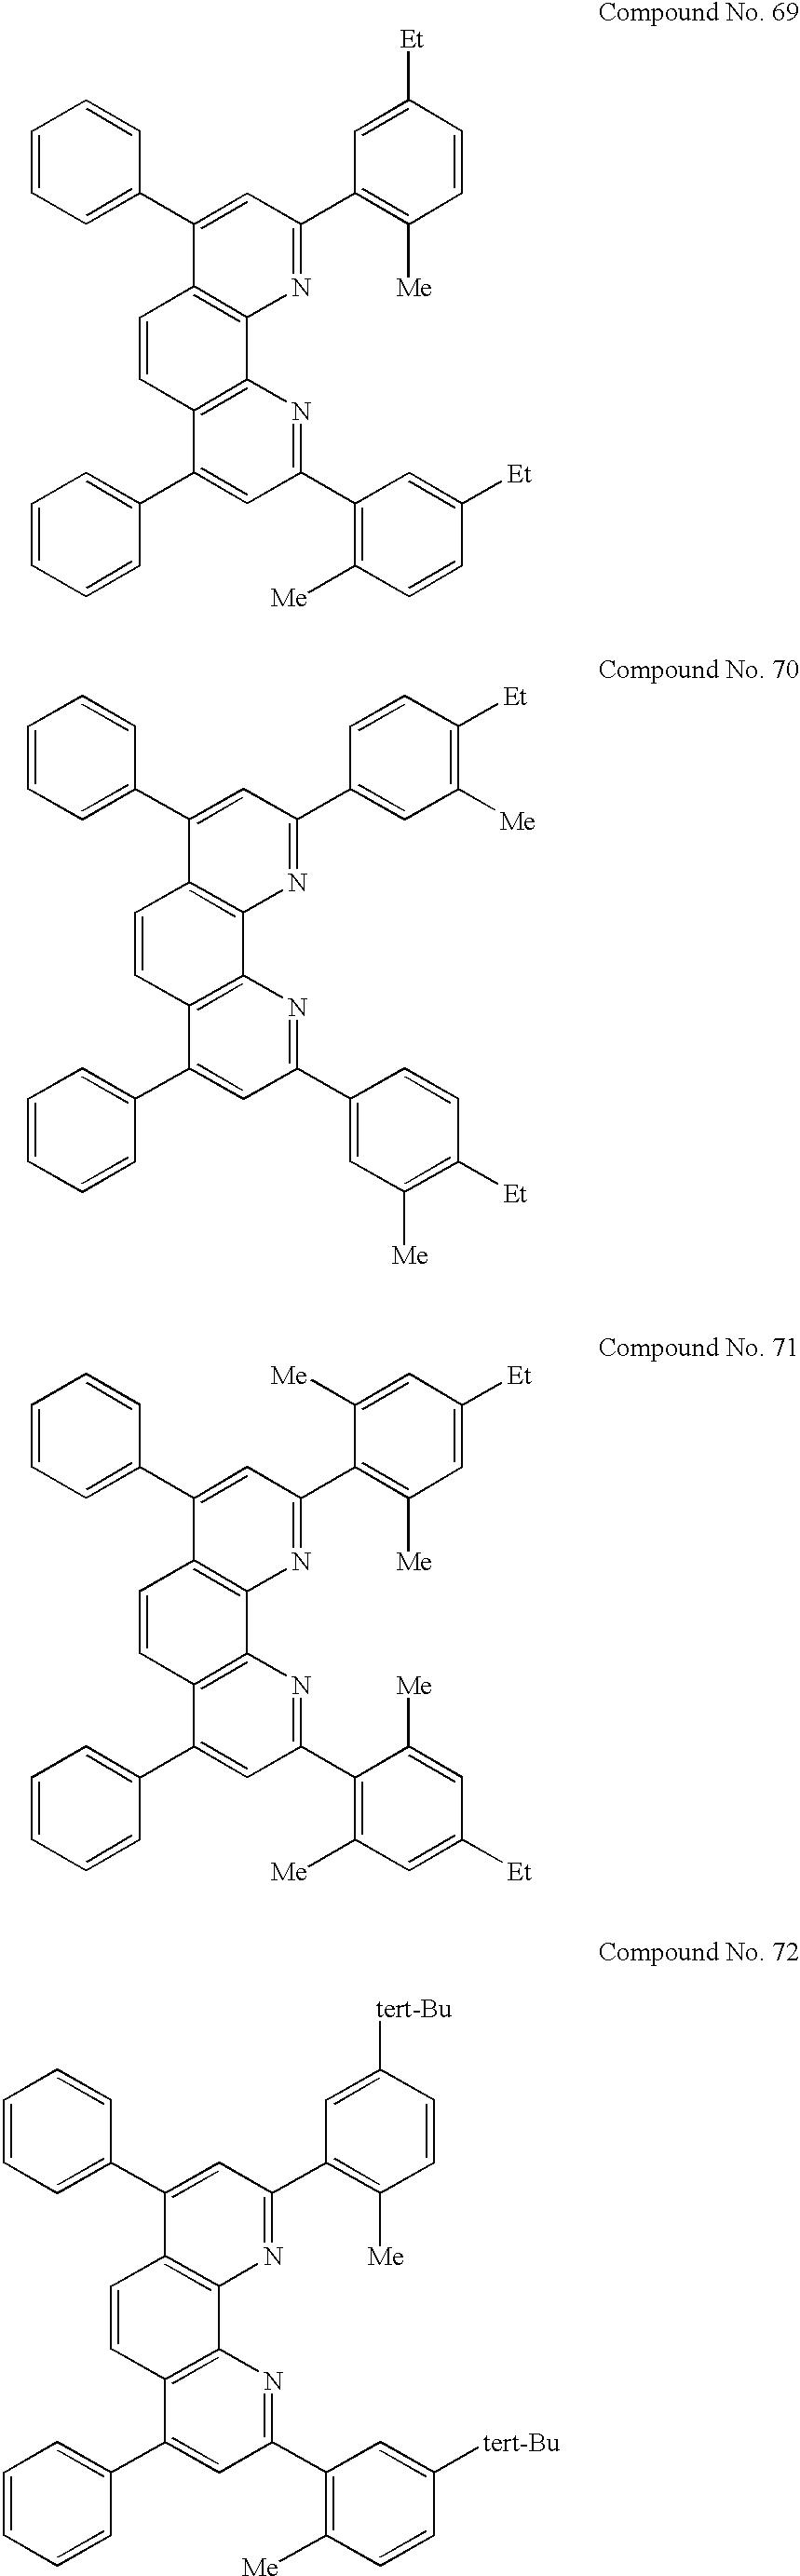 Figure US06524728-20030225-C00020